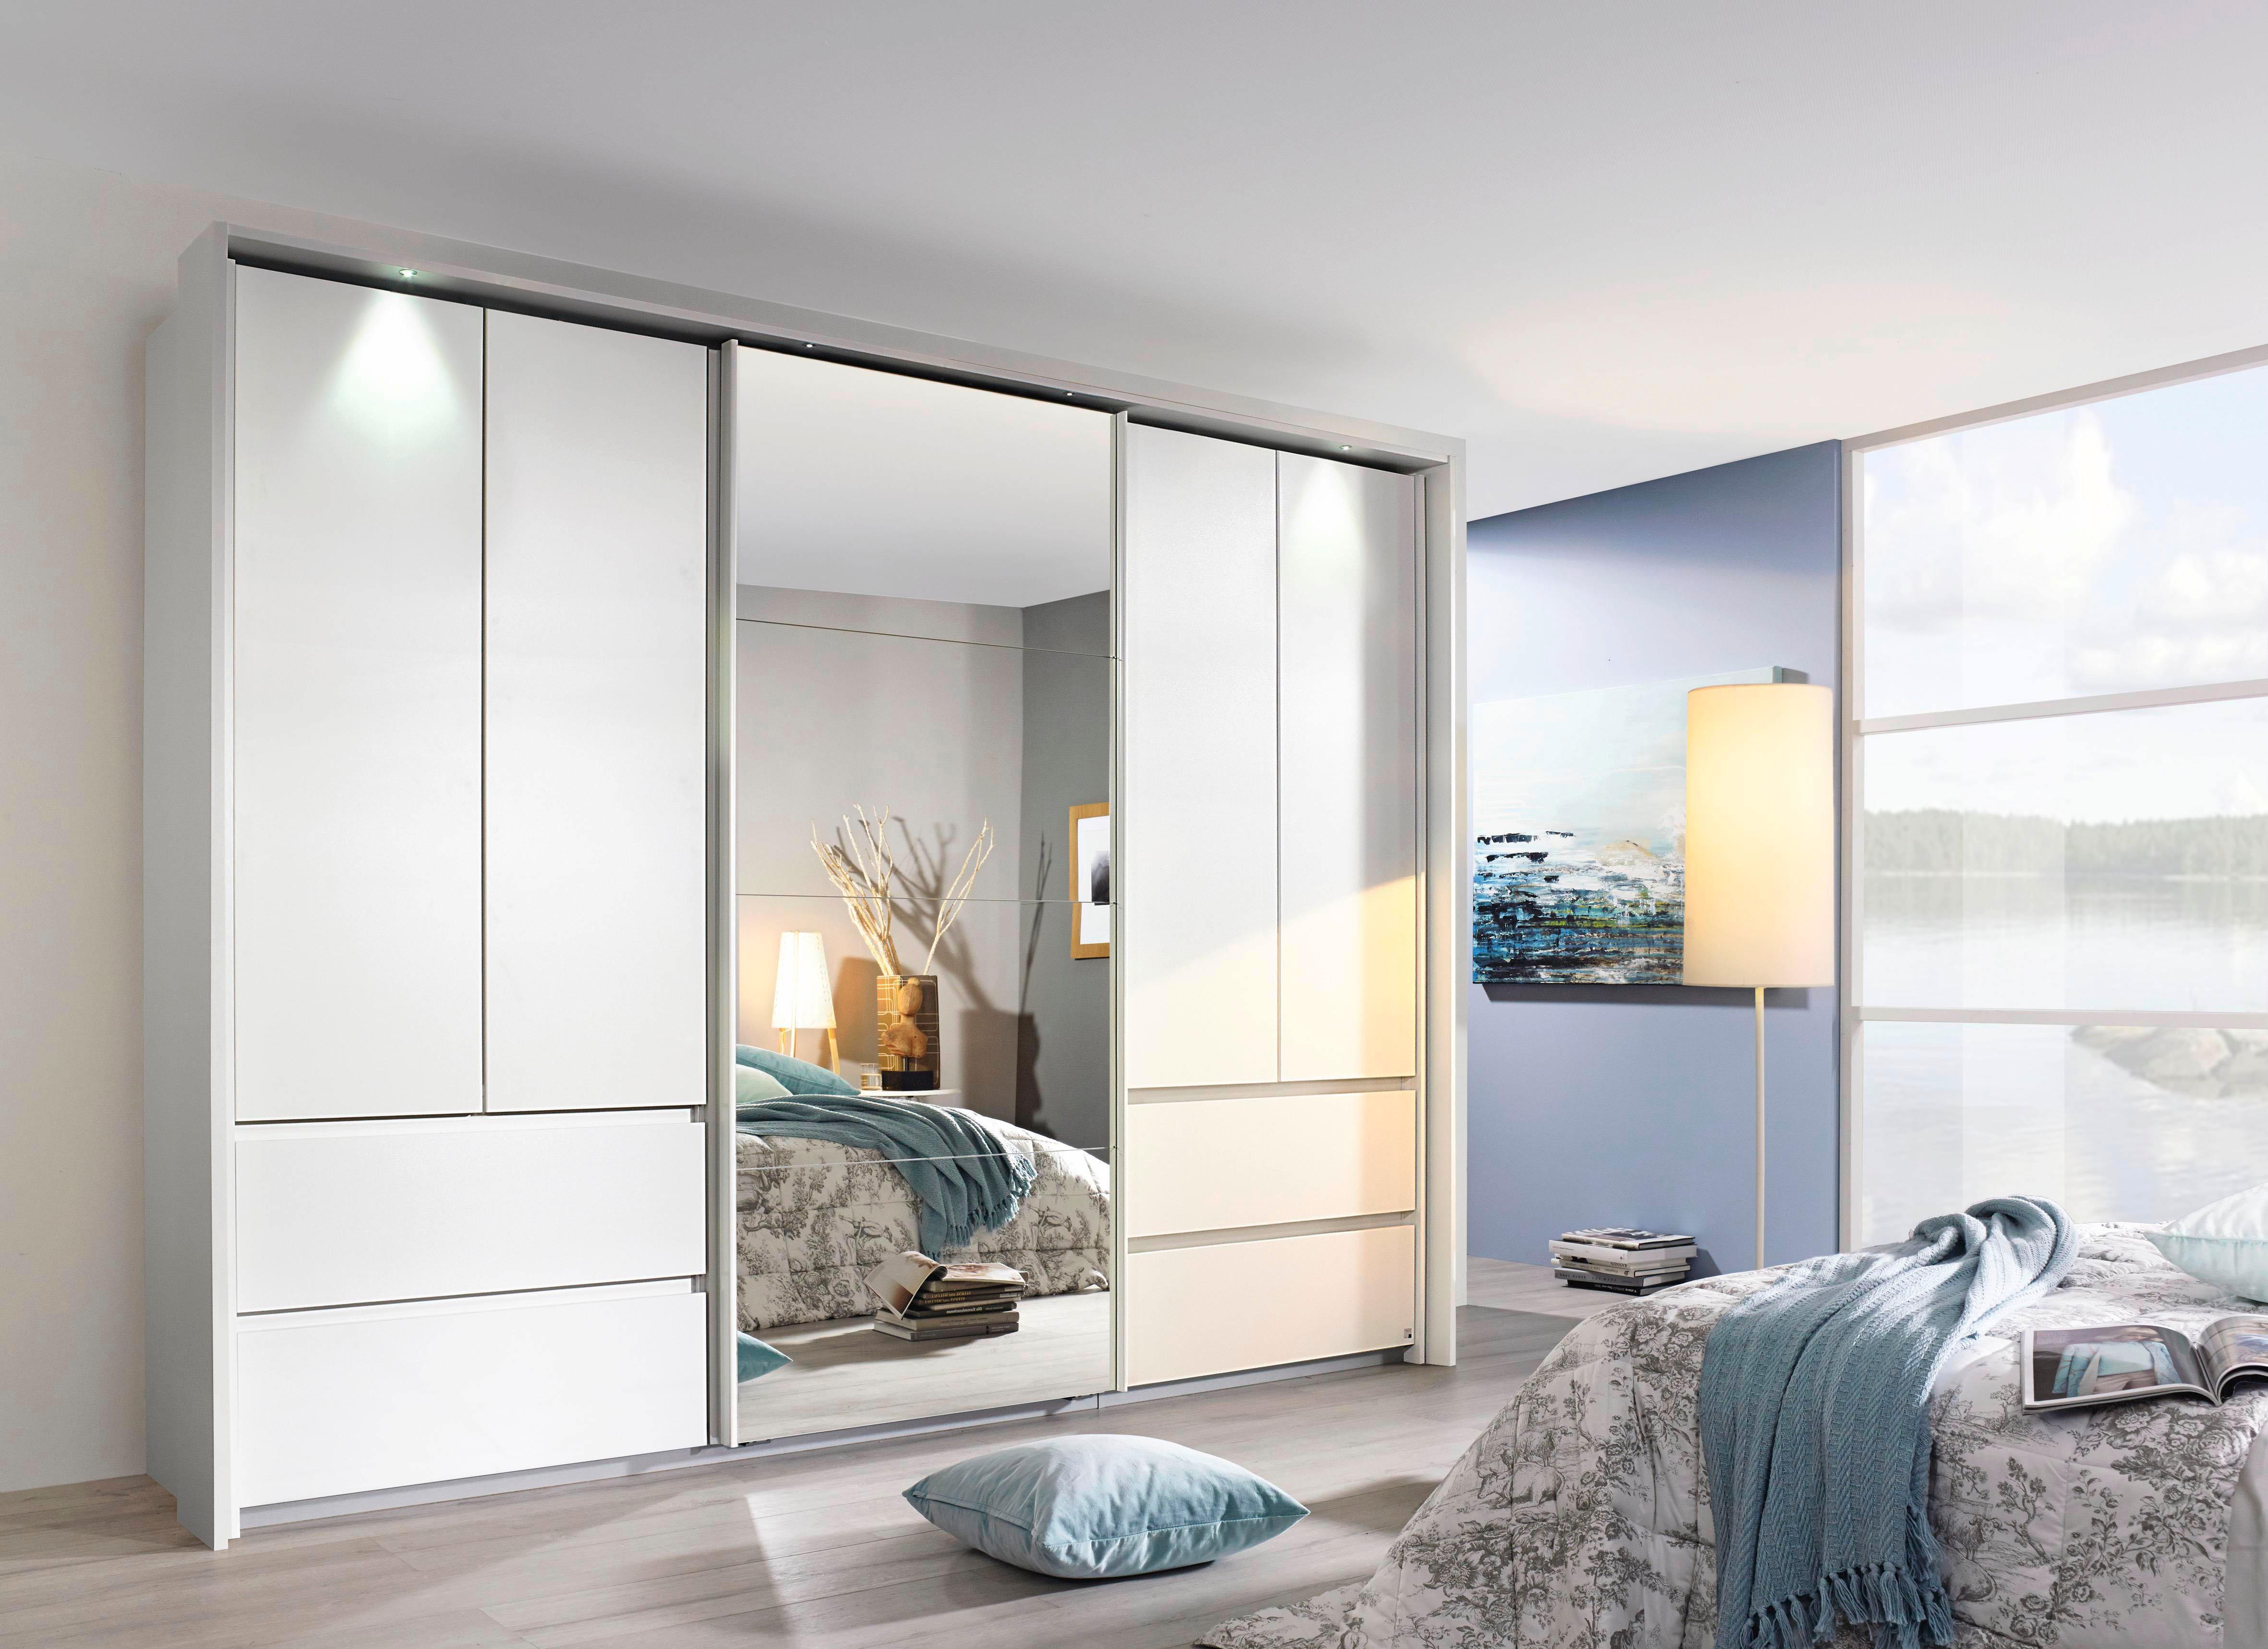 Wandspiegel schlafzimmer wandtatoo schlafzimmer italienische designer schlafsofas tapeten blau - Italienische designer wandspiegel ...